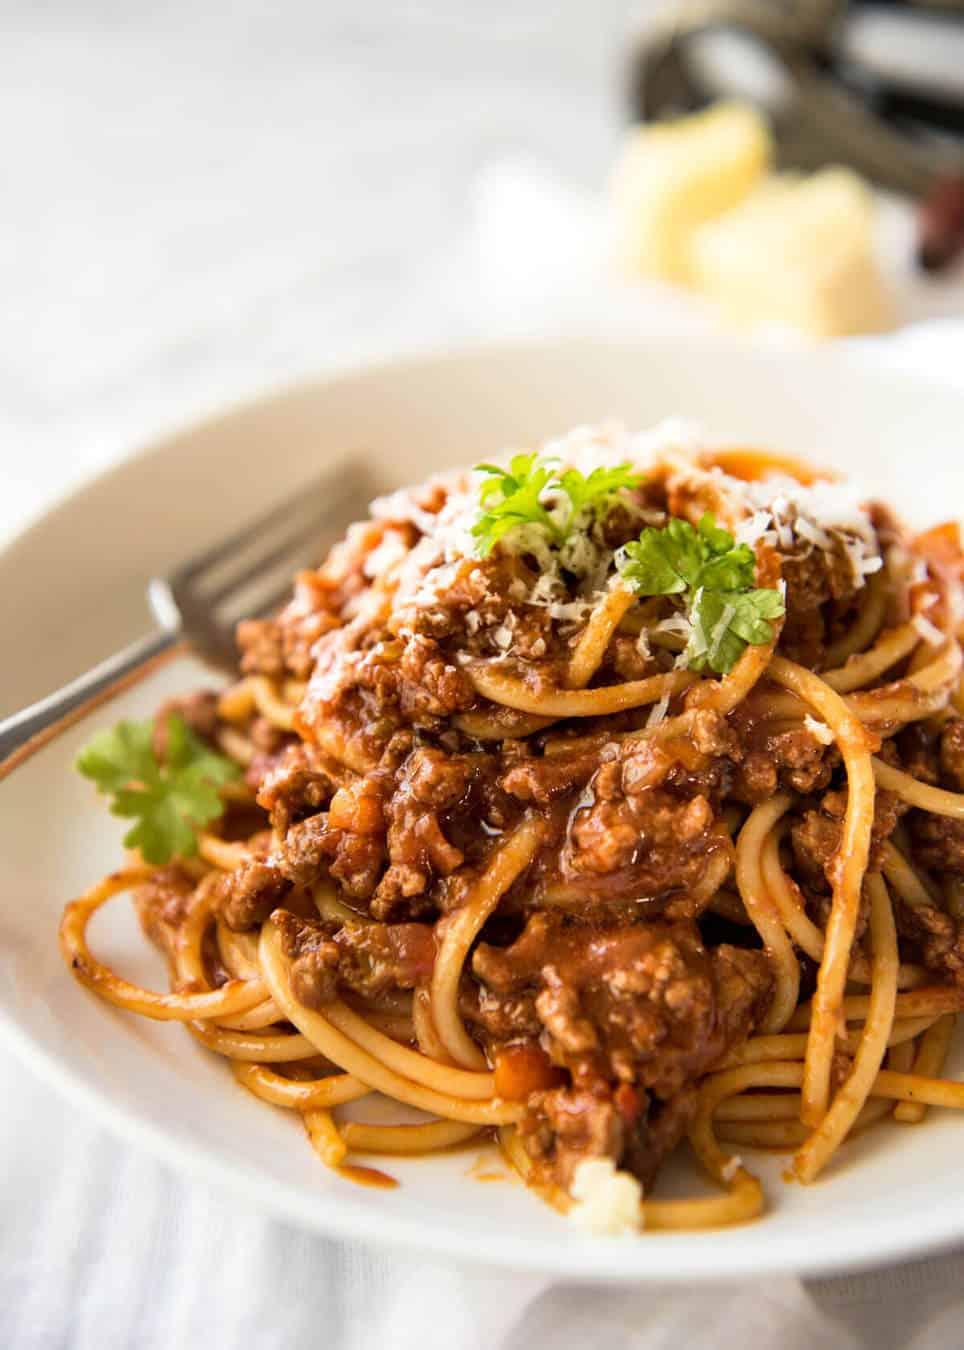 Food Spaghetti Bolognese Recipes